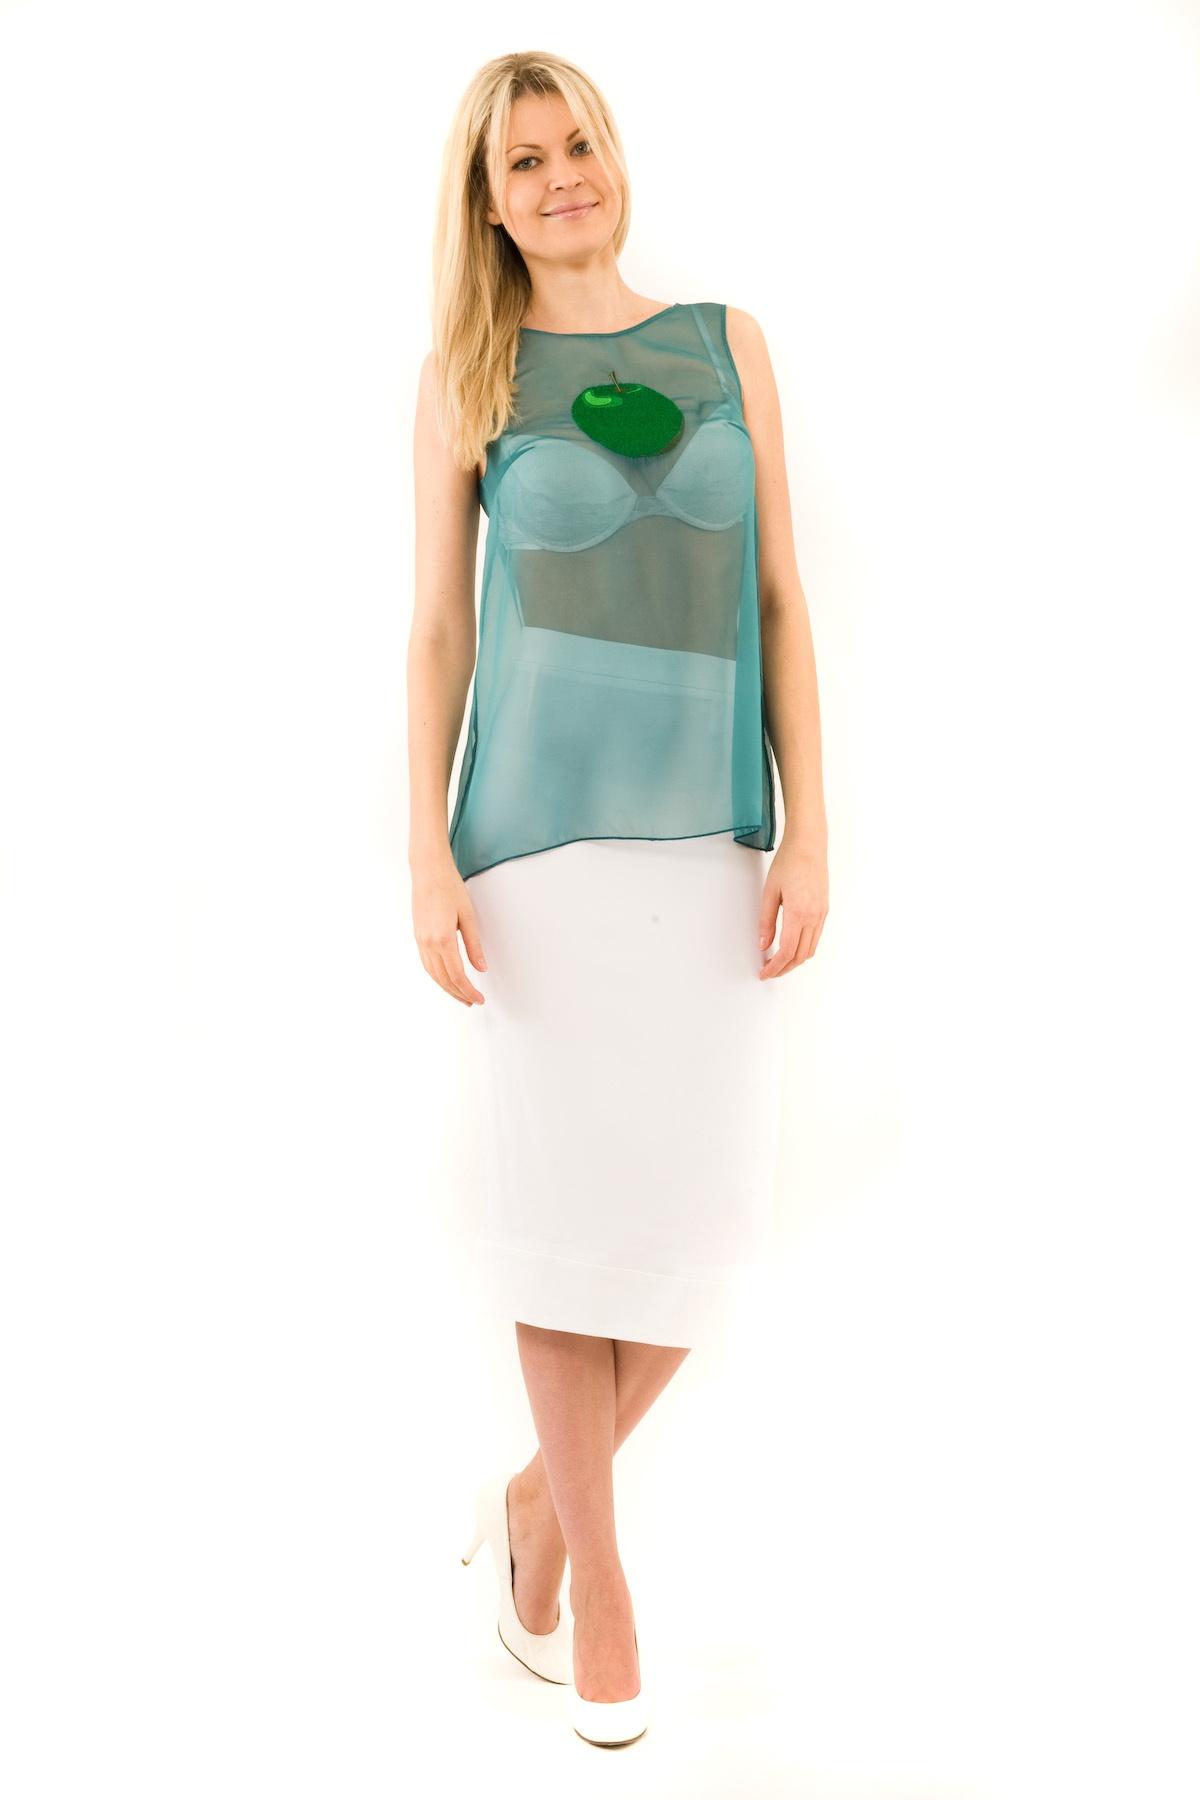 БлузаЖенские блузки<br>Эффектная блузка Doctor E оригинального дизайна привлечет к Вам всеобщее внимание и подчеркнет Ваш оригинальный вкус. Модель выполнена из полупрозрачного материала и оформлена стильной вышивкой. Изделие будет удачно гармонировать с любыми предметами гард<br><br>Цвет: изумрудный<br>Состав: 100% полиэстер<br>Размер: 40,42,44,46,48,50<br>Страна дизайна: Россия<br>Страна производства: Россия